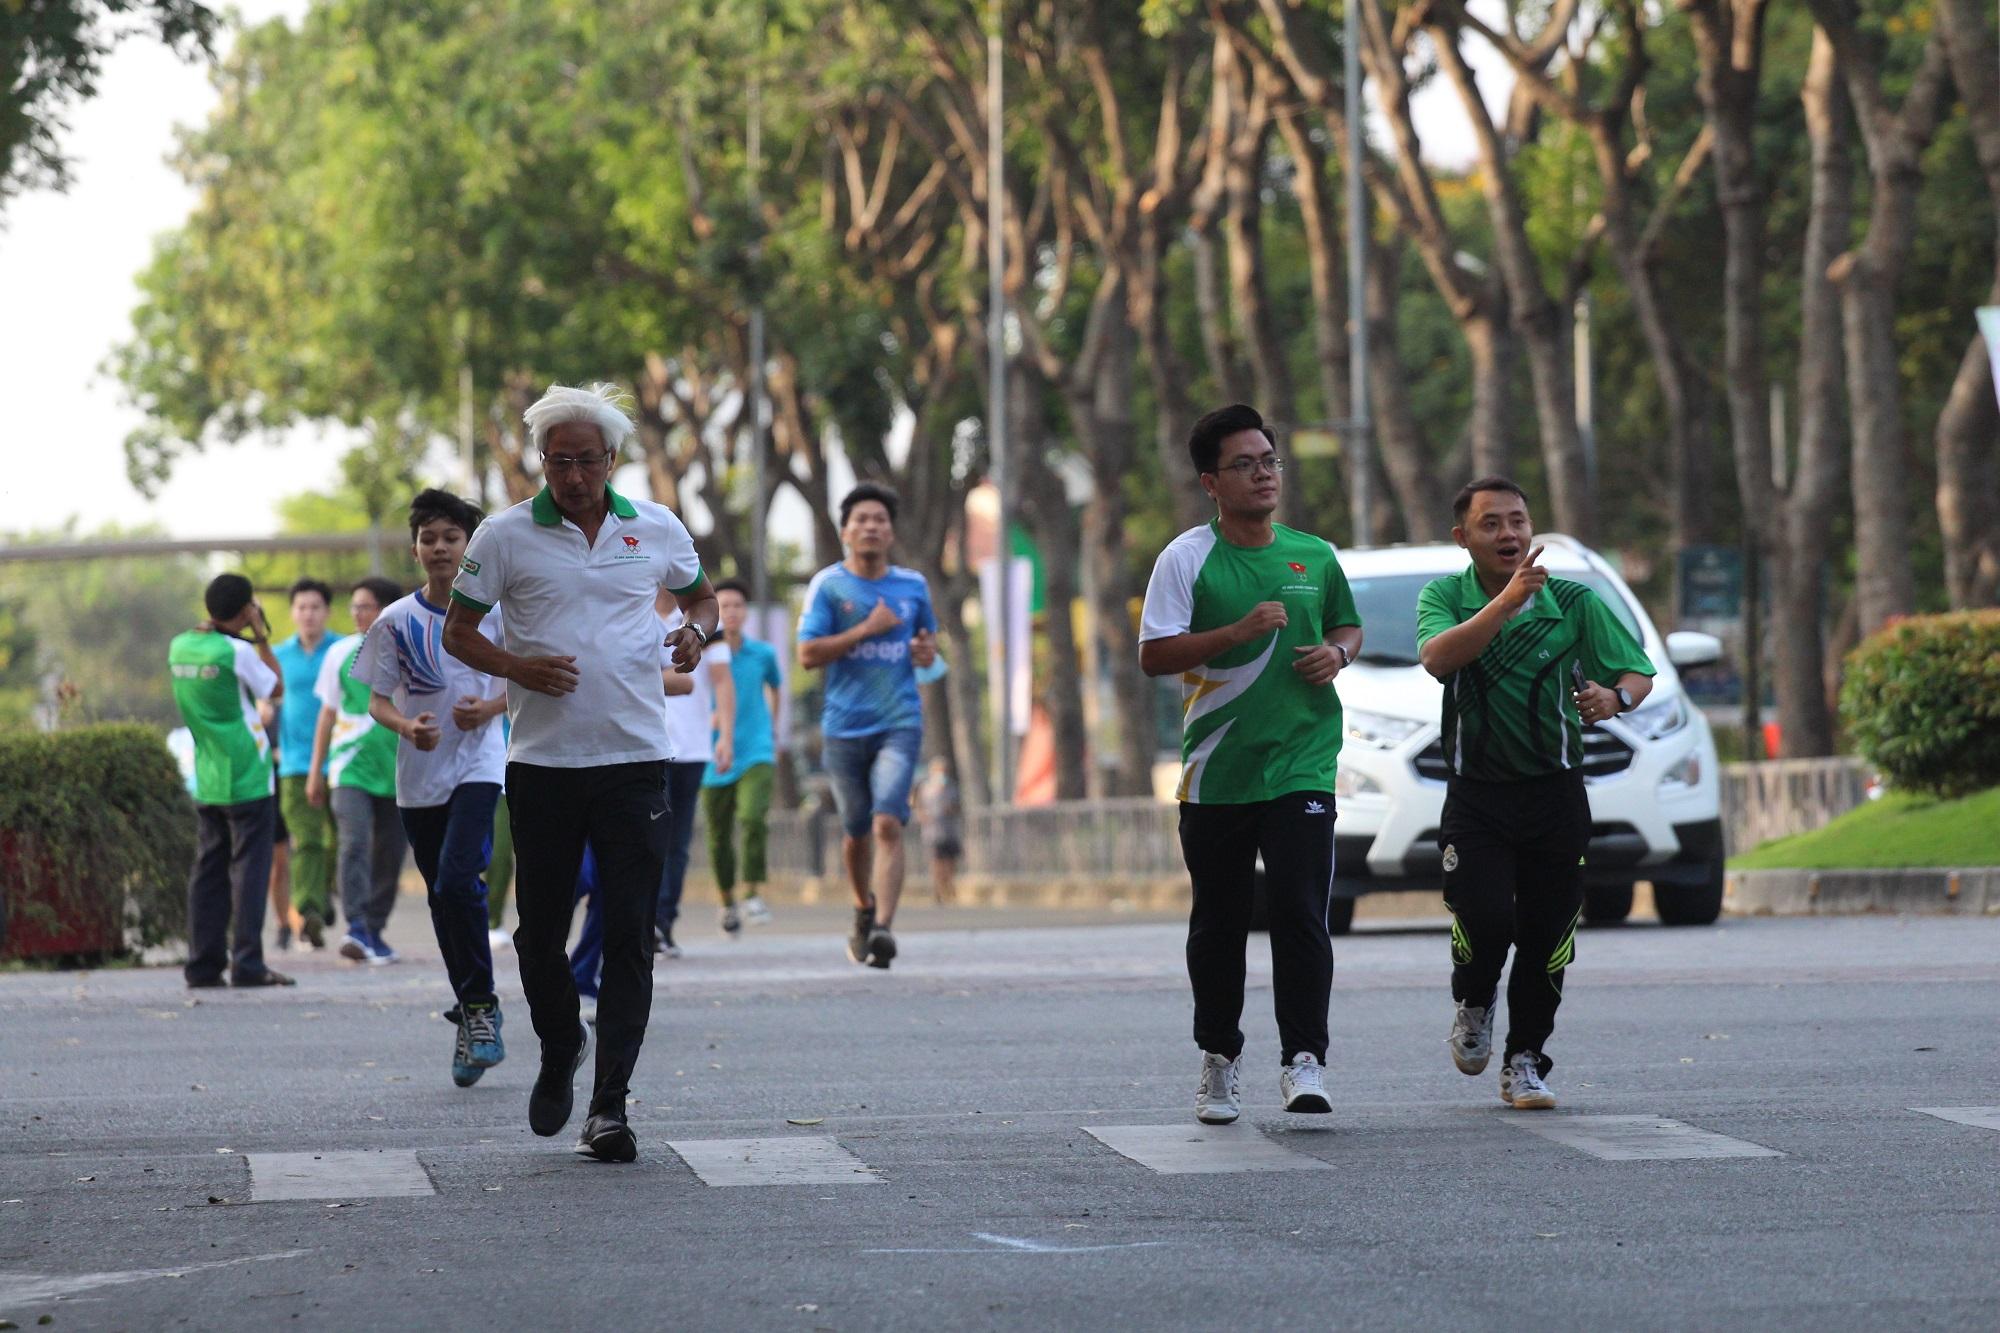 Hình ảnh: Quận Tân Phú: Hơn 1000 người tham dự ngày chạy Olympic vì sức khỏe toàn dân năm 2021 số 5